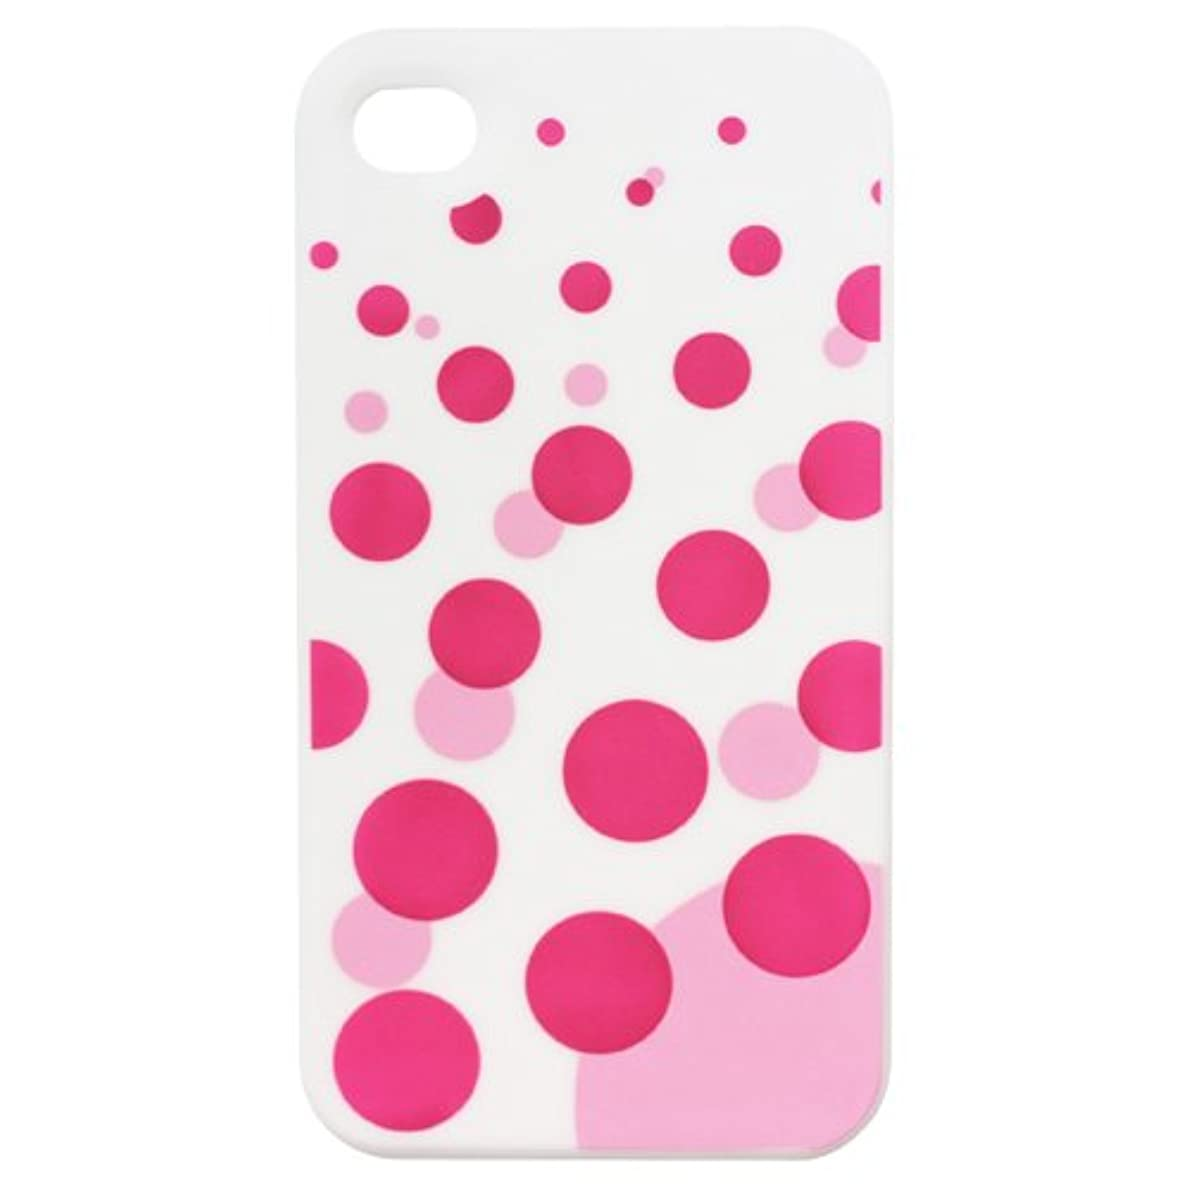 一流テレビを見る王室TMY iPhone4/4S用カバー カラーコレクション ソーダドット ホワイト CV-01WH